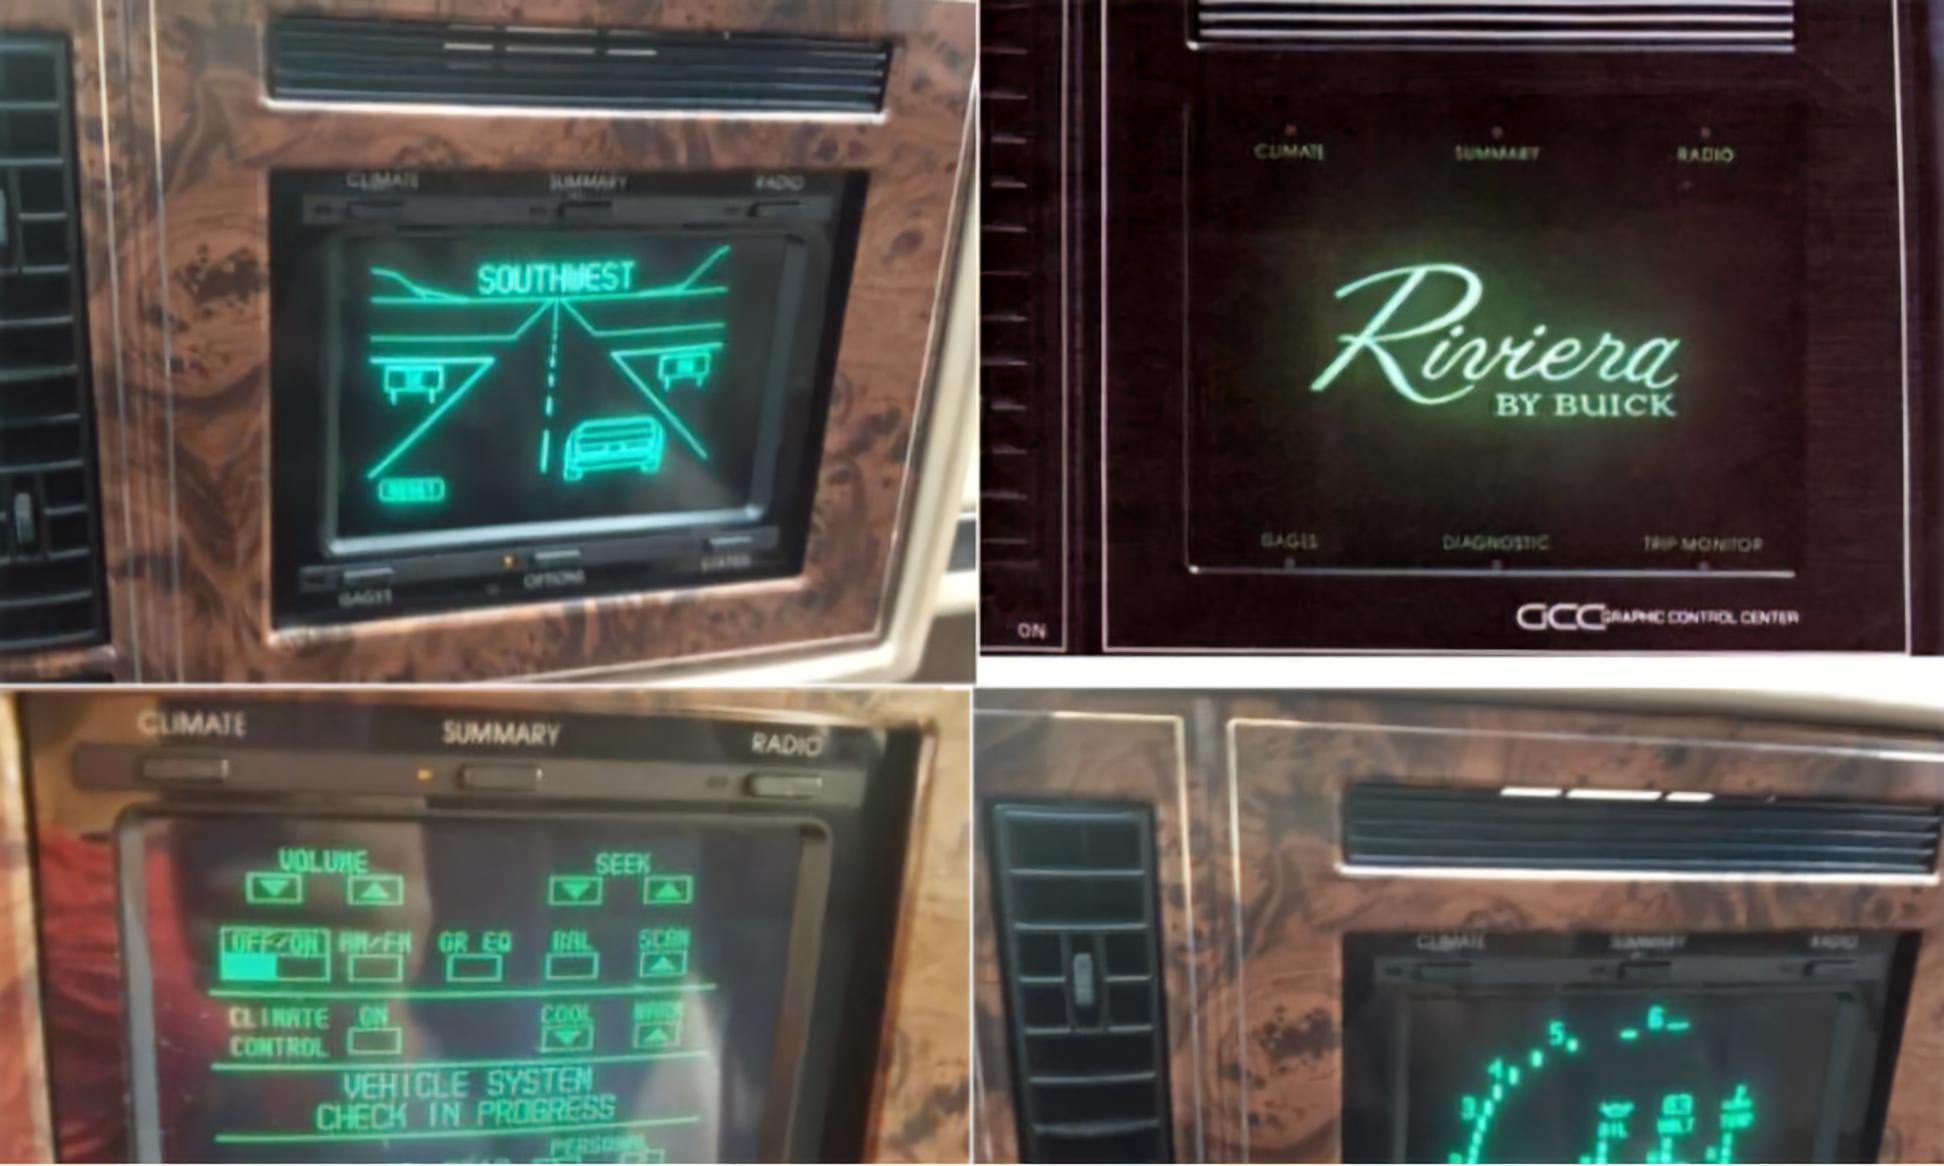 Buick Riviera Touchscreen Graphic Control Center GCC